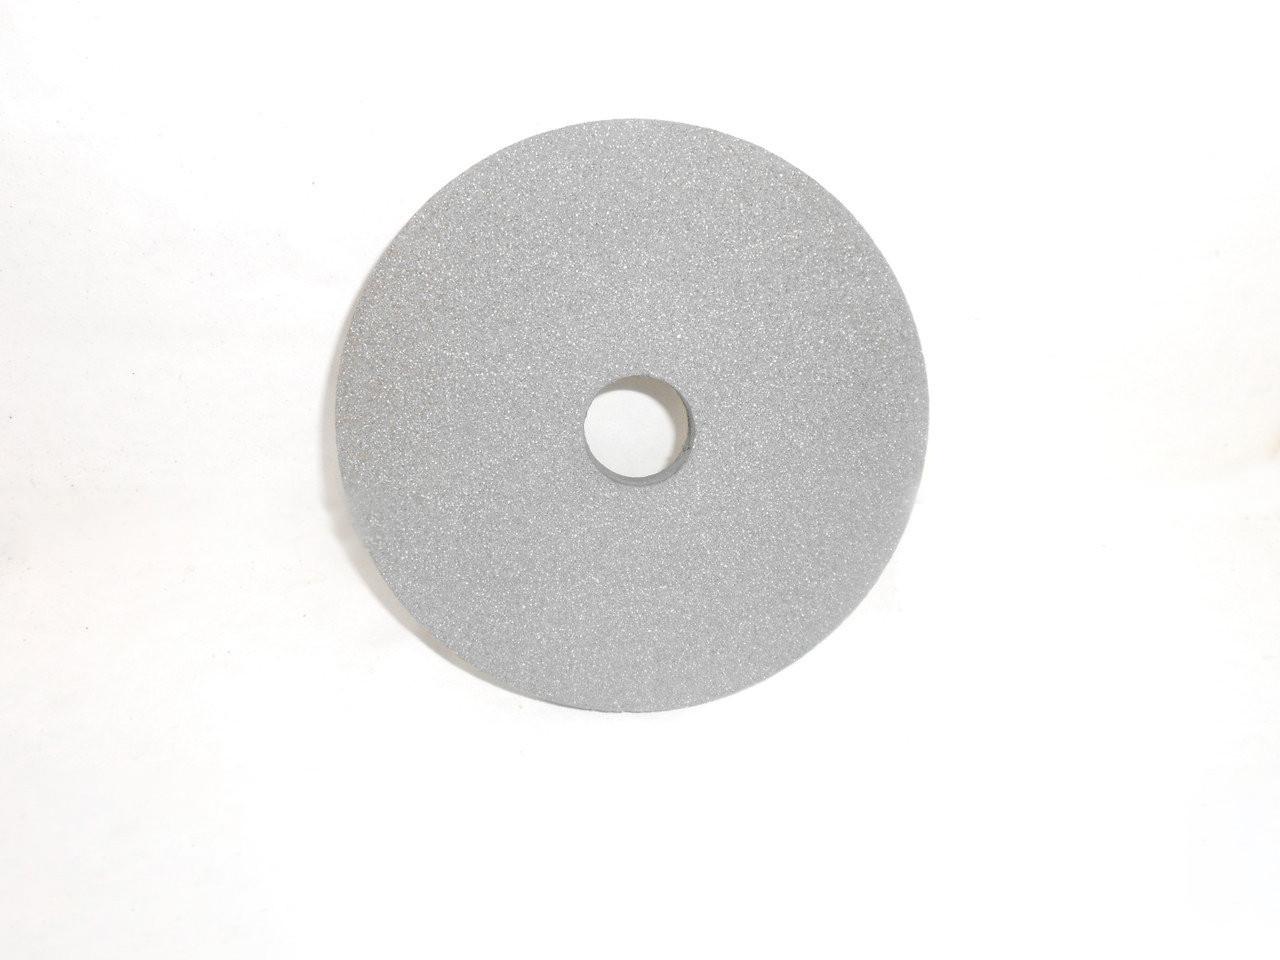 Круг шлифовальный 14А ПП 350х10х127  16-40 СМ-СТ